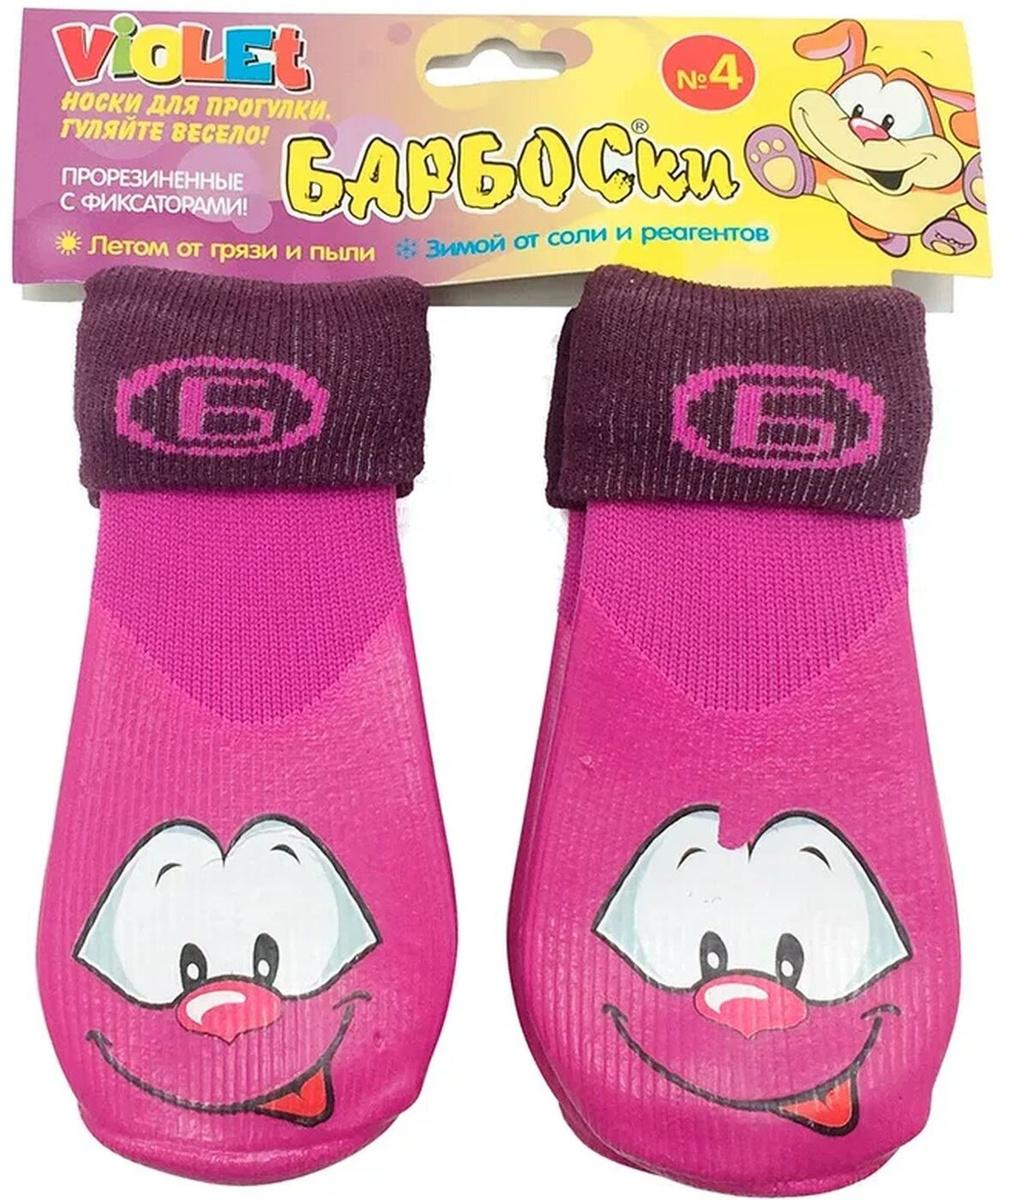 Носки для собак БАРБОСки с высоким латексным покрытием, фиолетовый, размер 4  #1